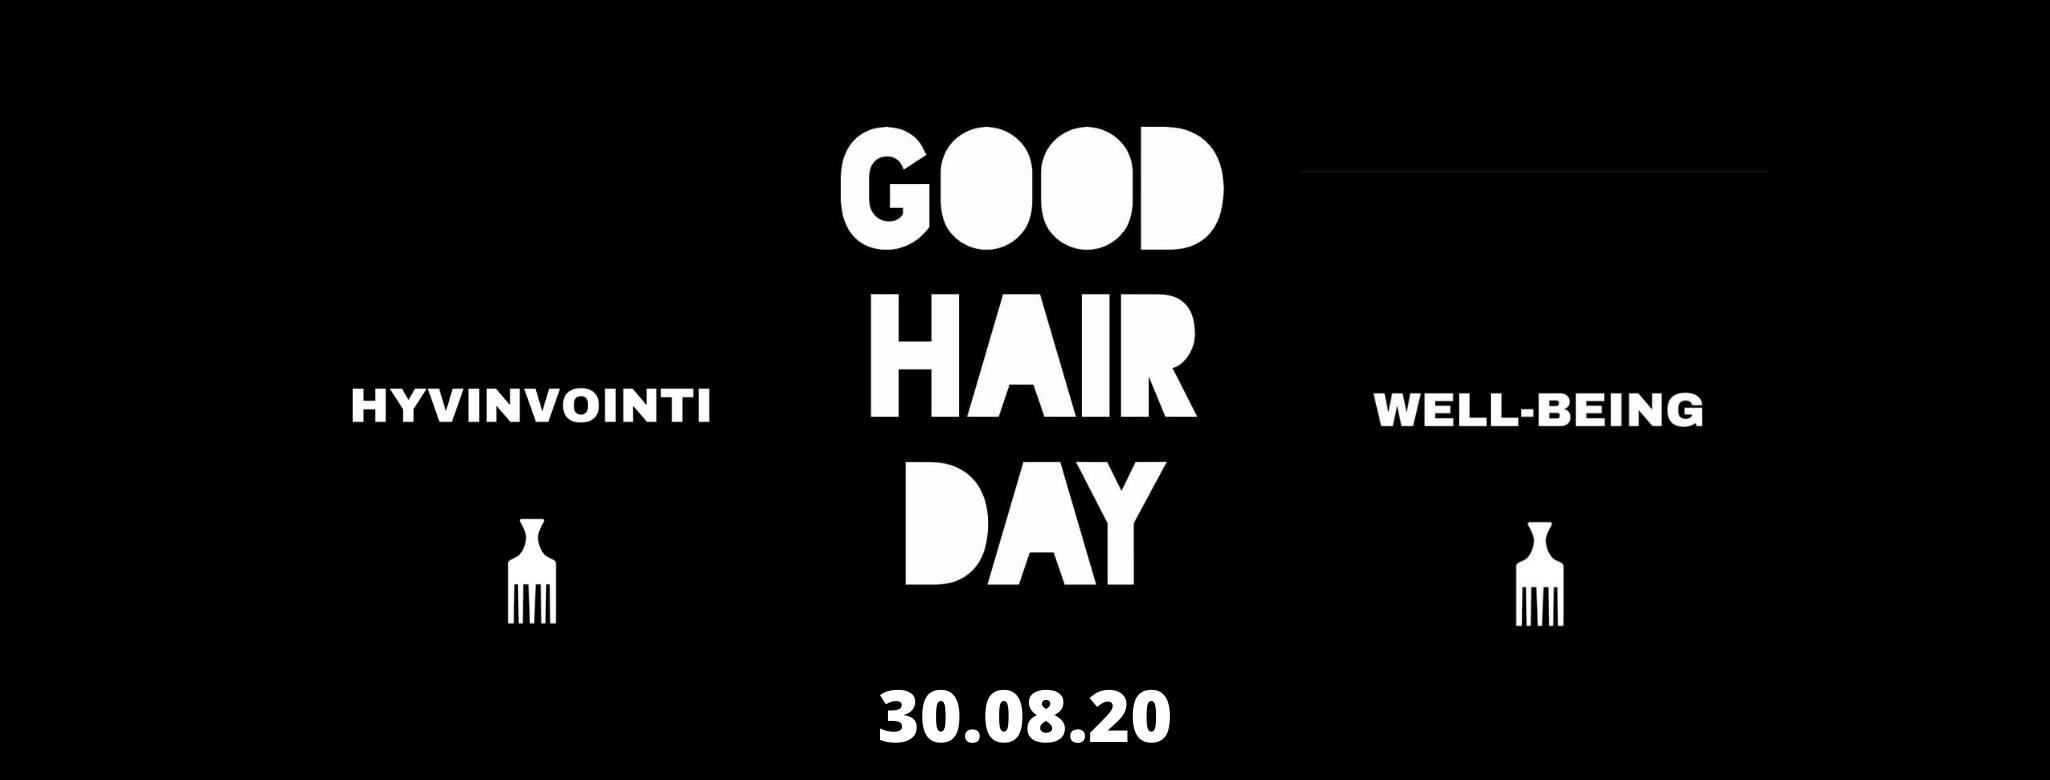 Linkki tapahtumaan GOOD HAIR DAY 2020